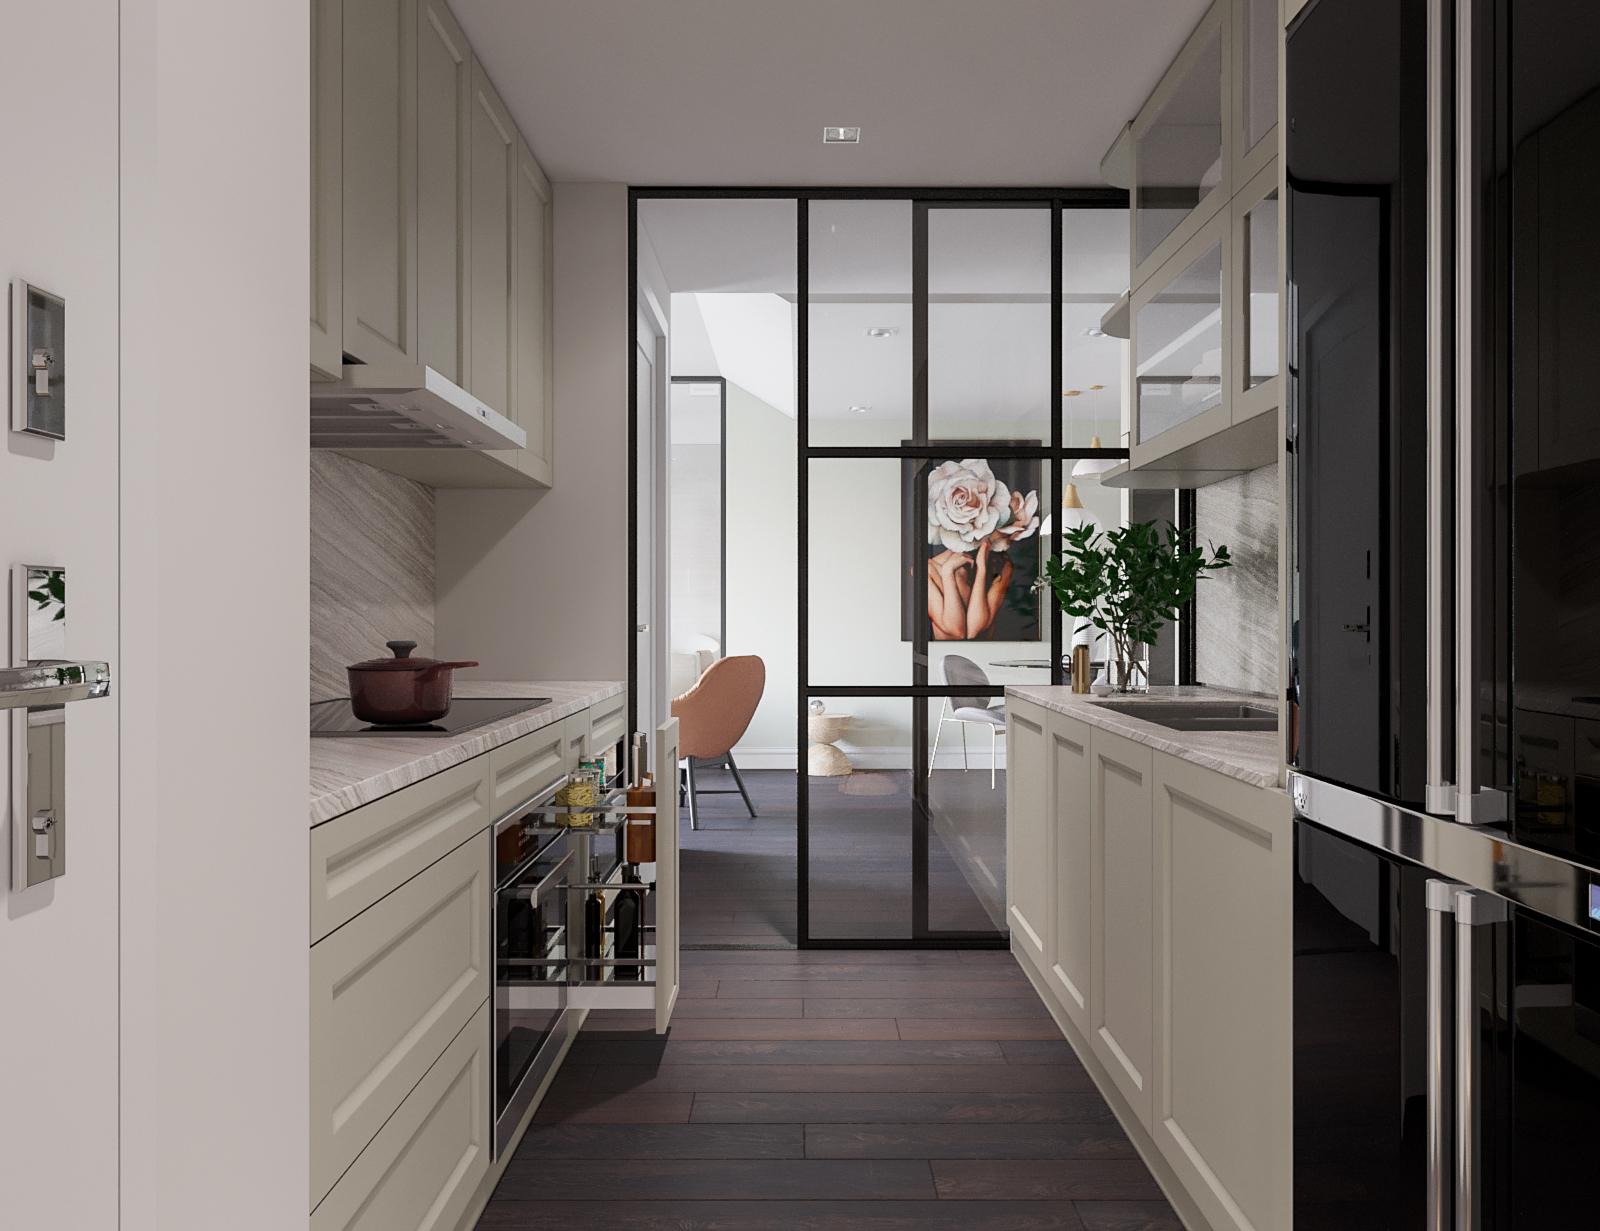 Thiết kế nội thất nhà phố phòng bếp